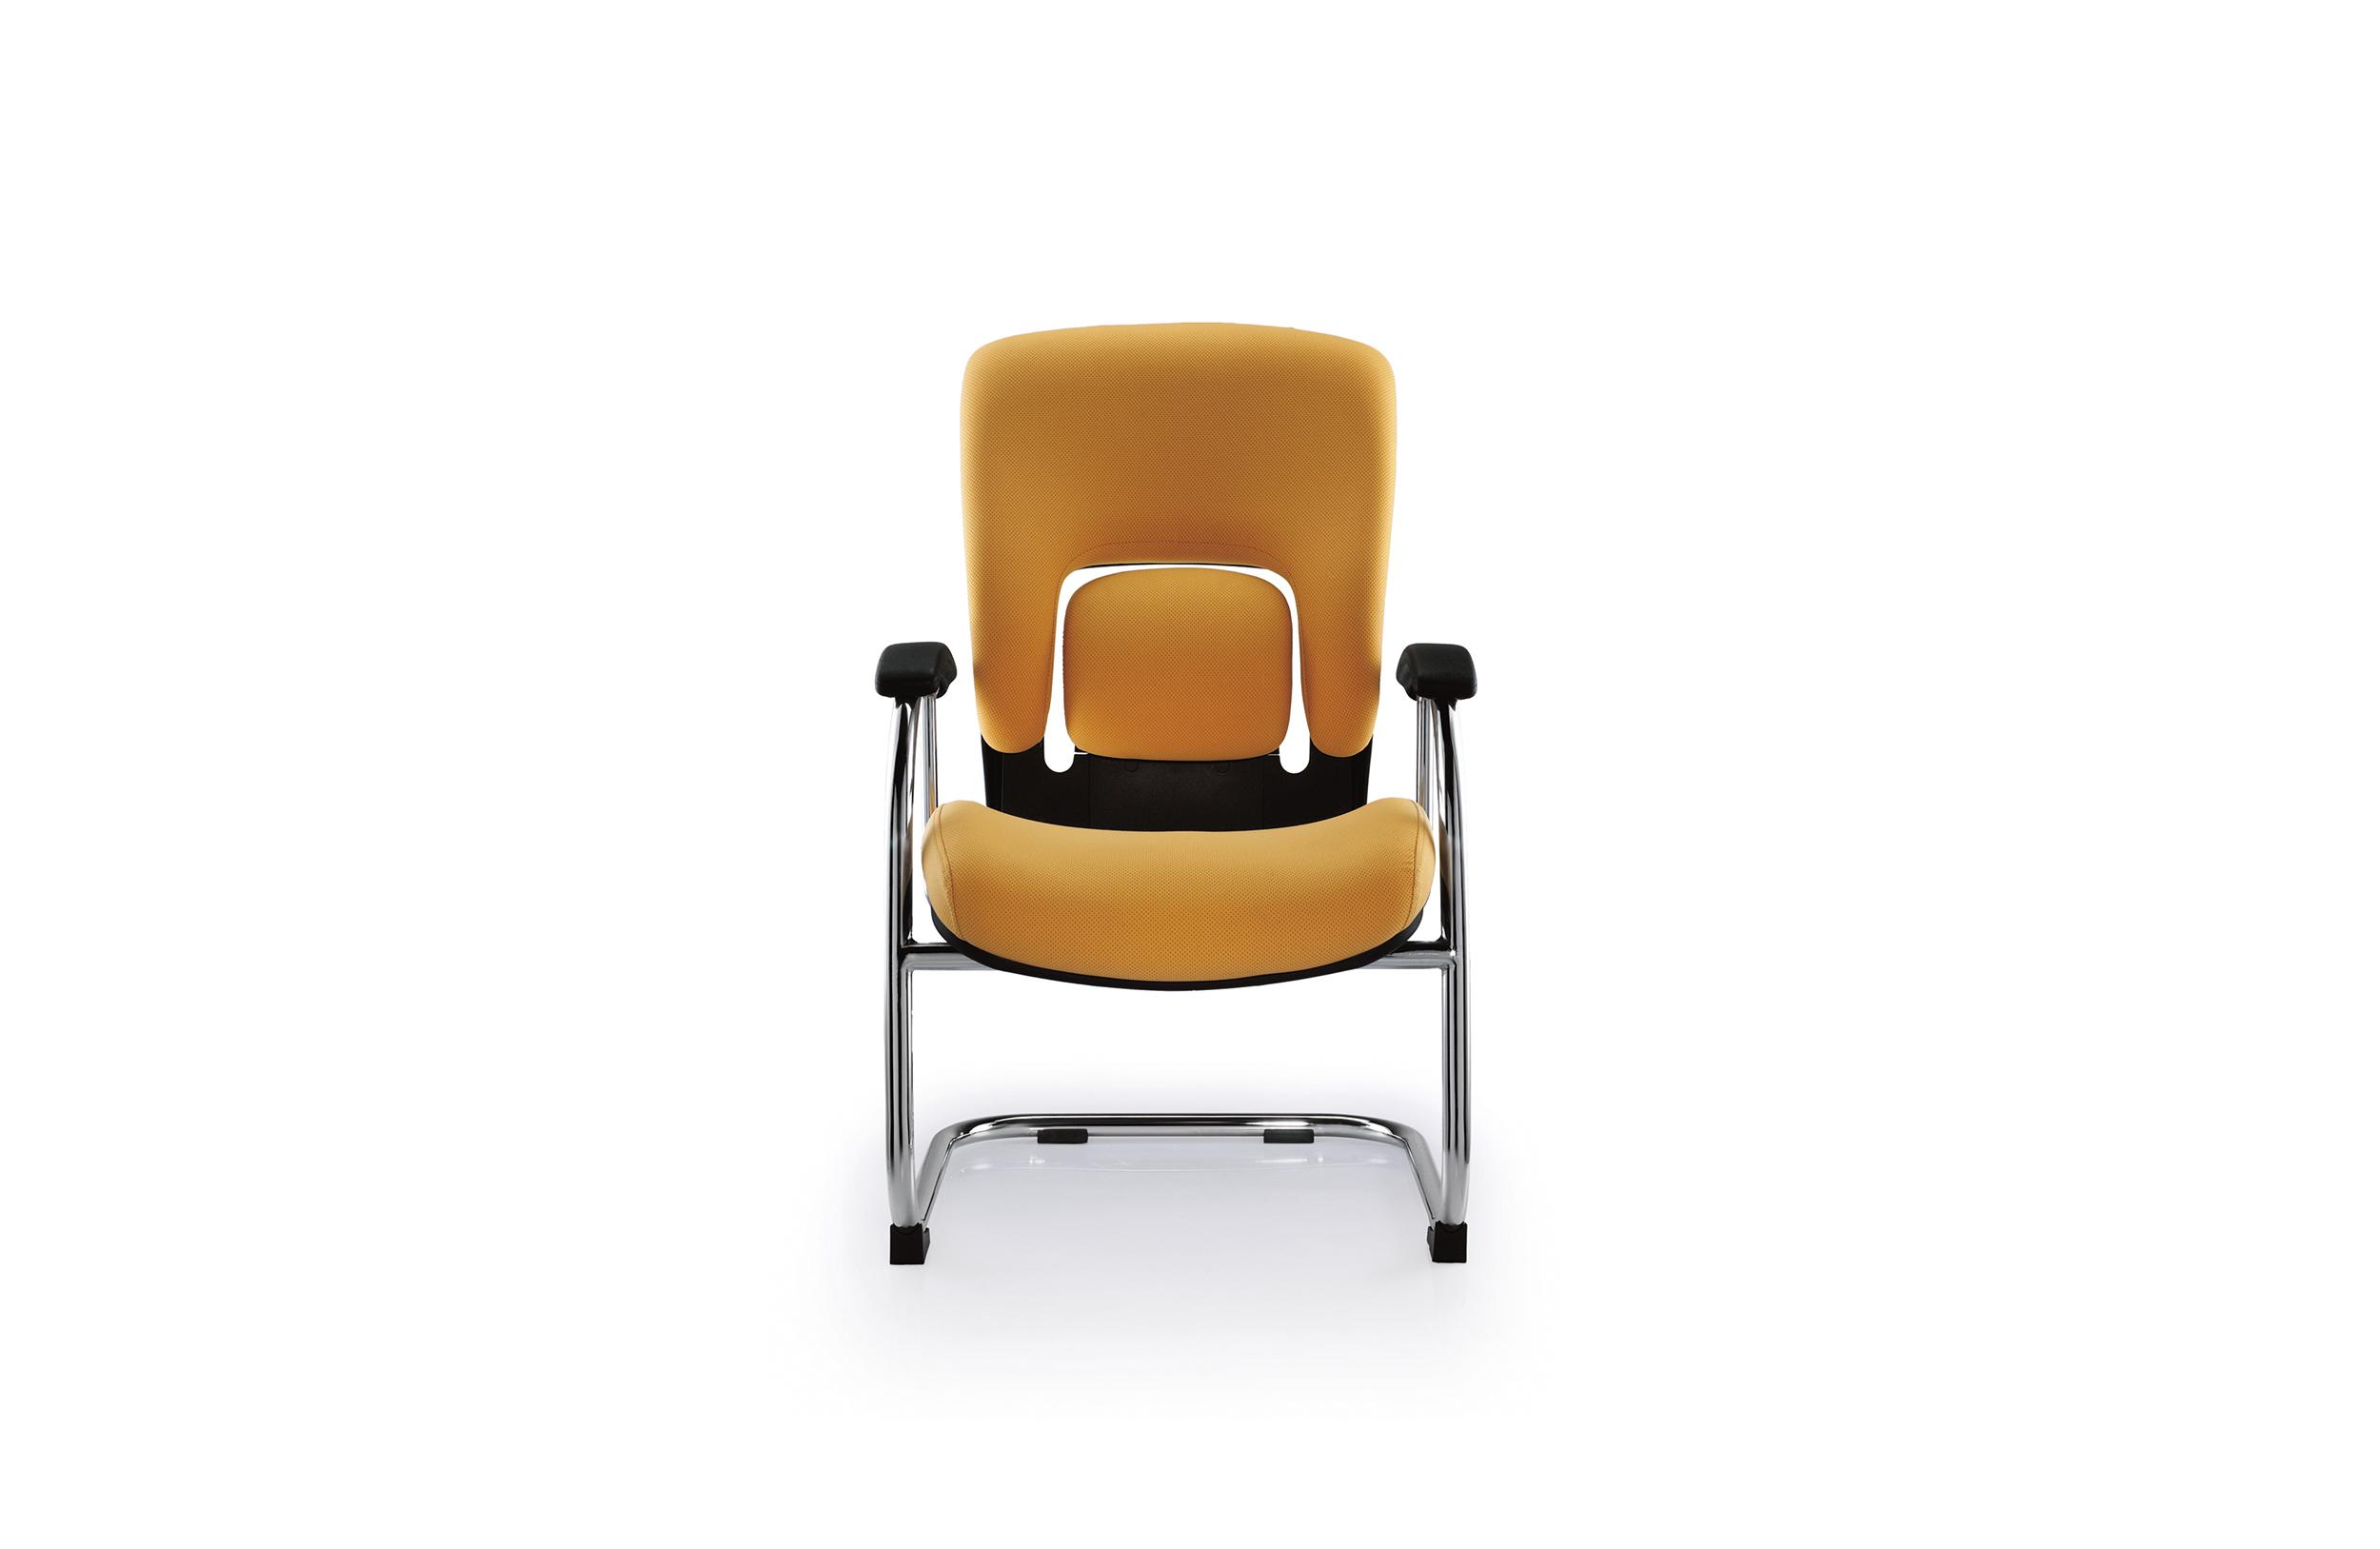 办公椅|会议椅|创意家具|现代家居|时尚家具|设计师家具|定制家具|实木家具|金爵X会议椅系列